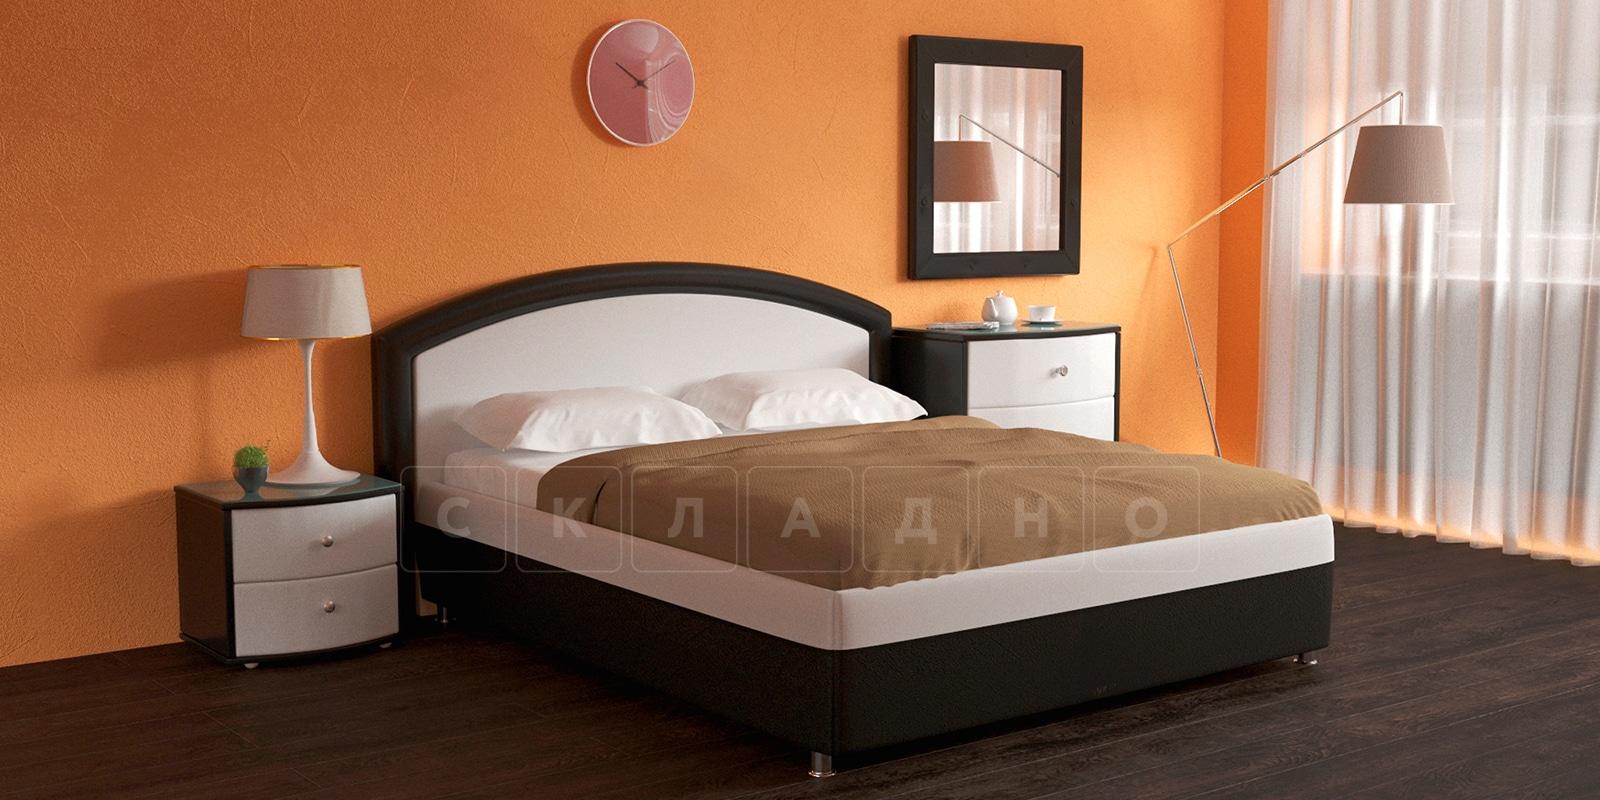 Мягкая кровать Малибу 160см экокожа белый-шоколад вариант 8-2 фото 2   интернет-магазин Складно